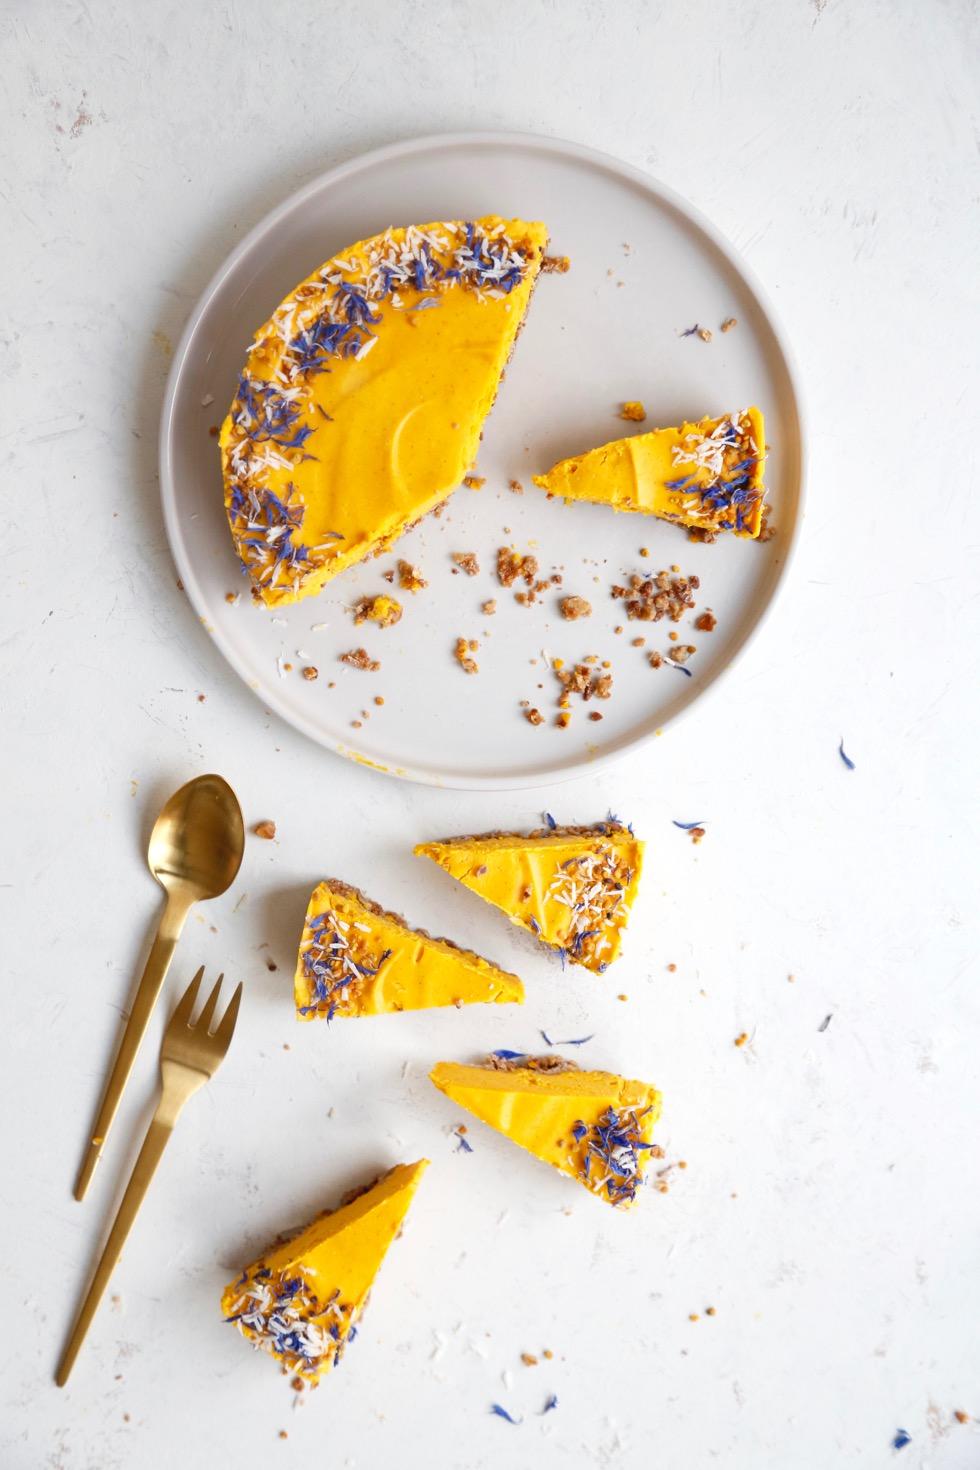 cheesecake-med-kiksebund-og-graeskarcreme-v-gf-3